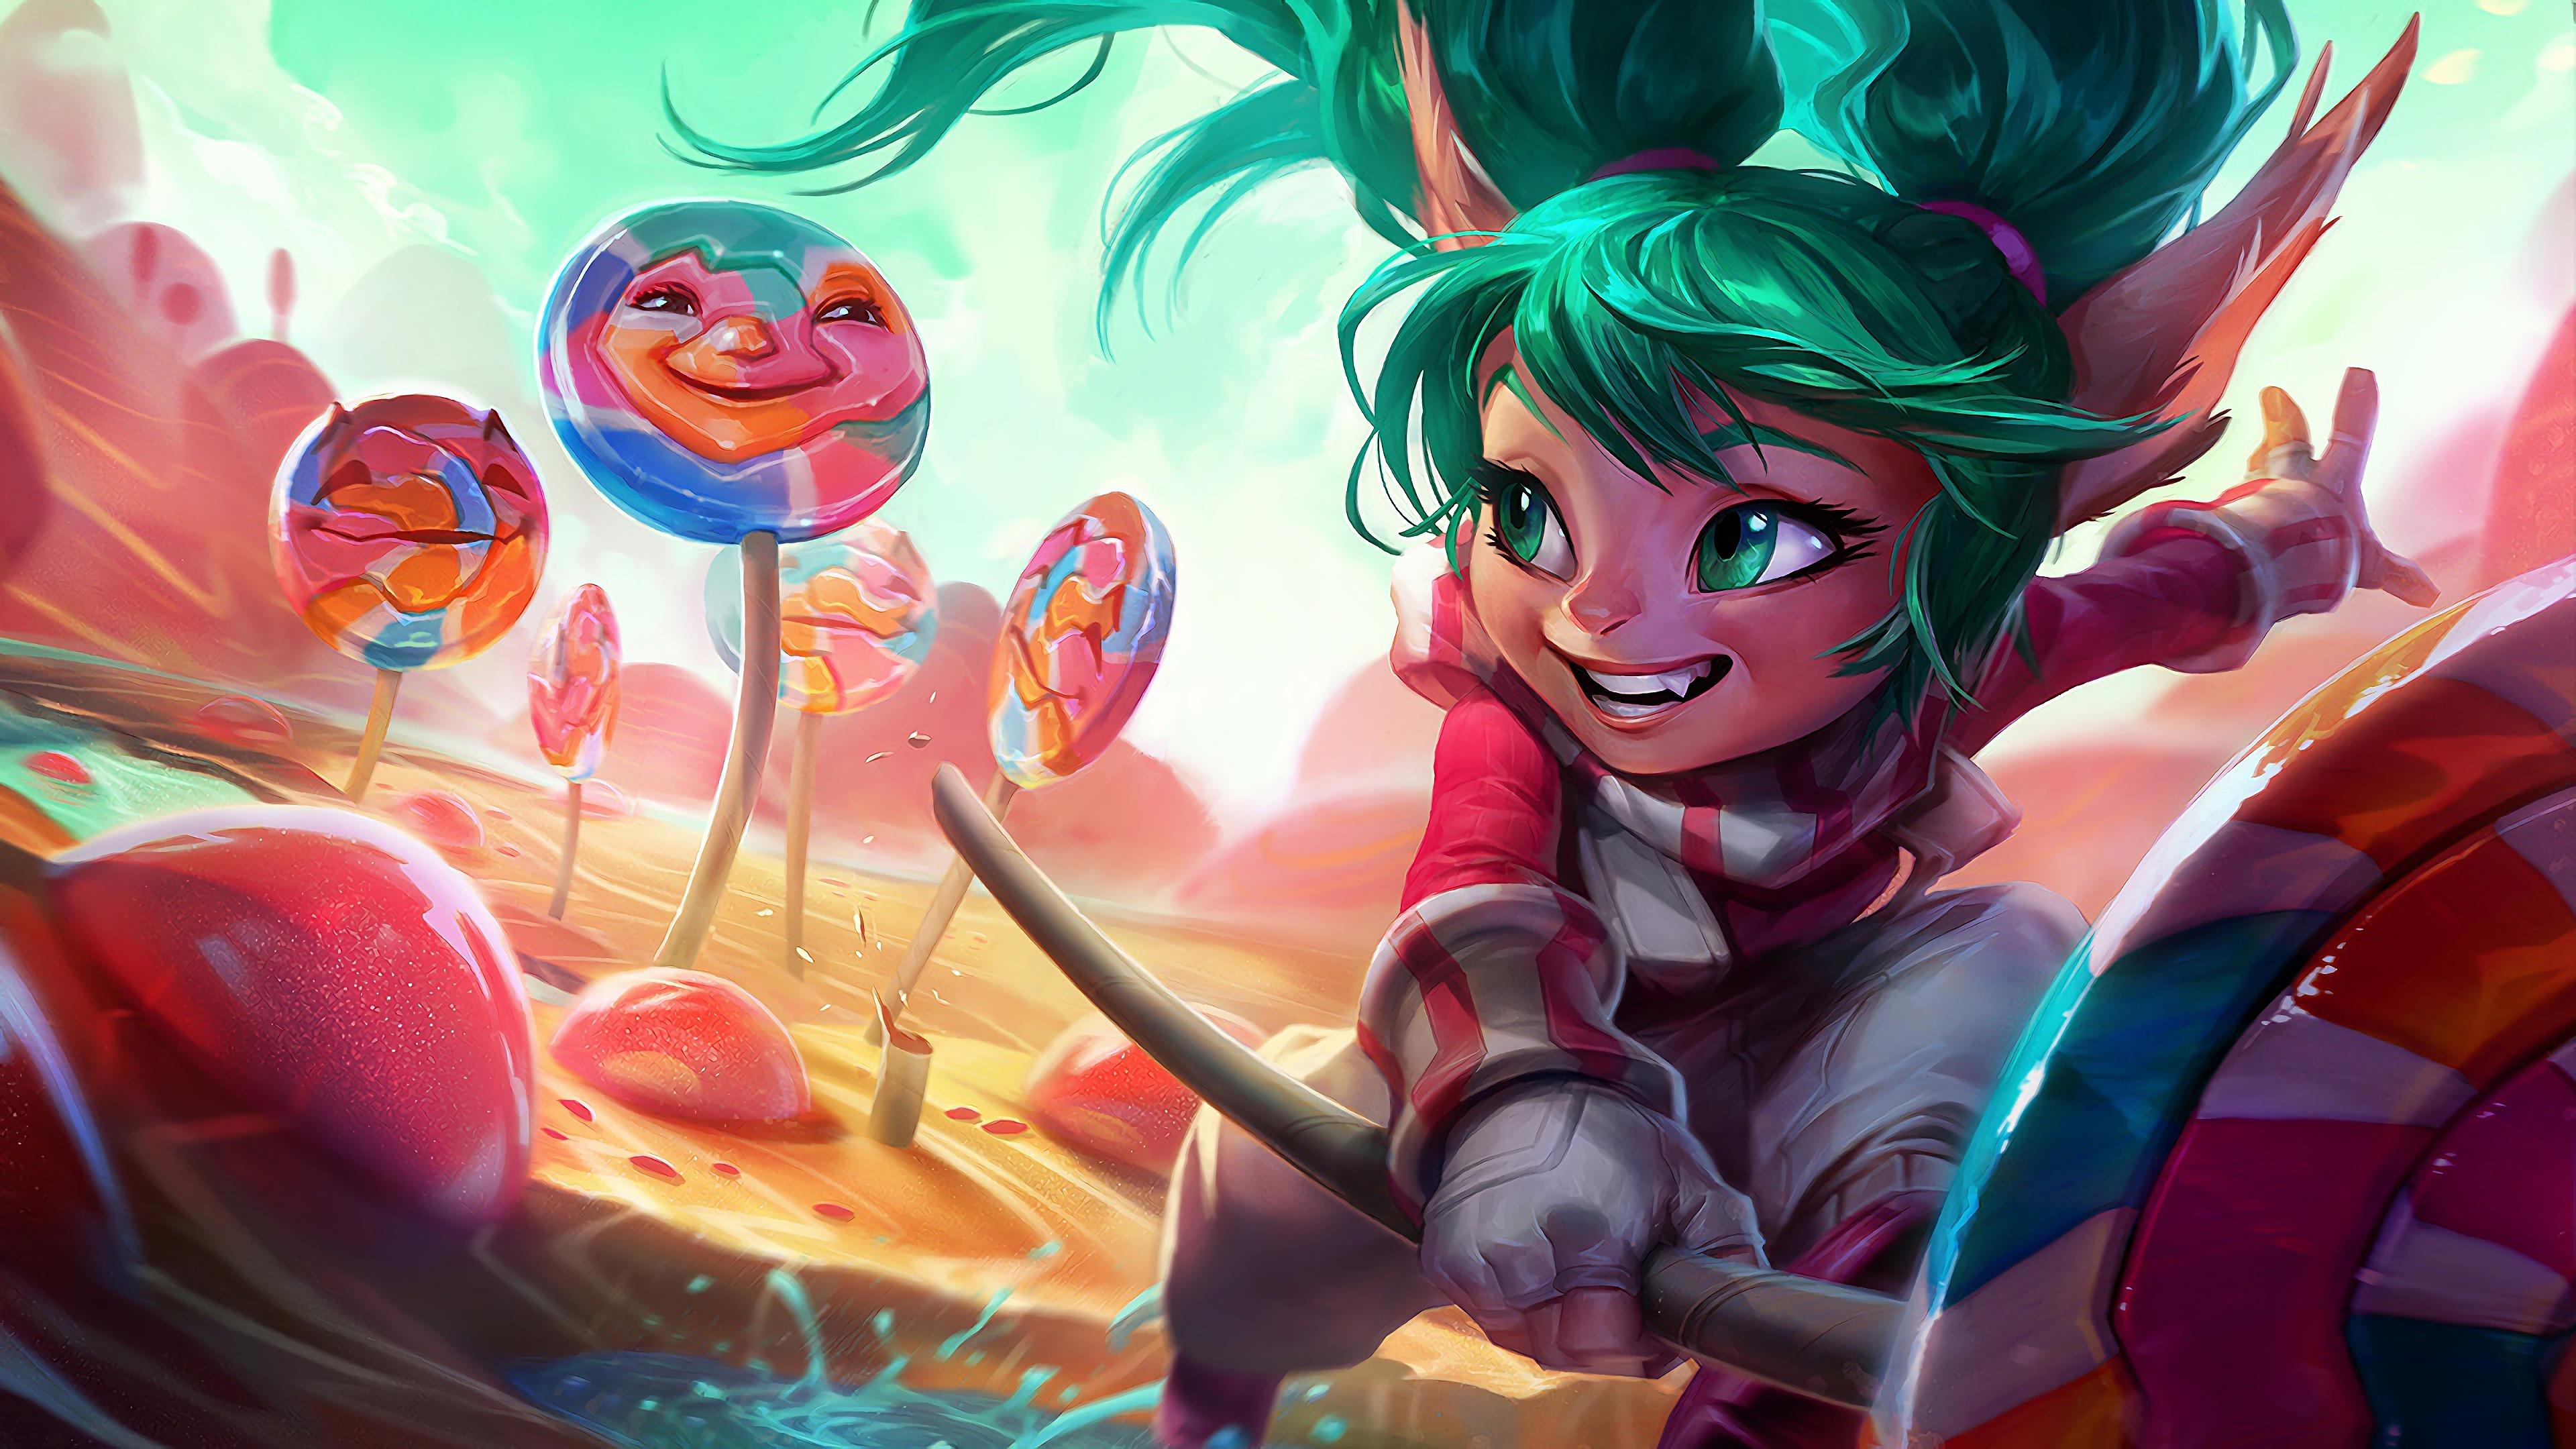 lollipoppy poppy lol splash art league of legends art 1574101354 - Lollipoppy Poppy LoL Splash Art League of Legends Art - Poppy, league of legends